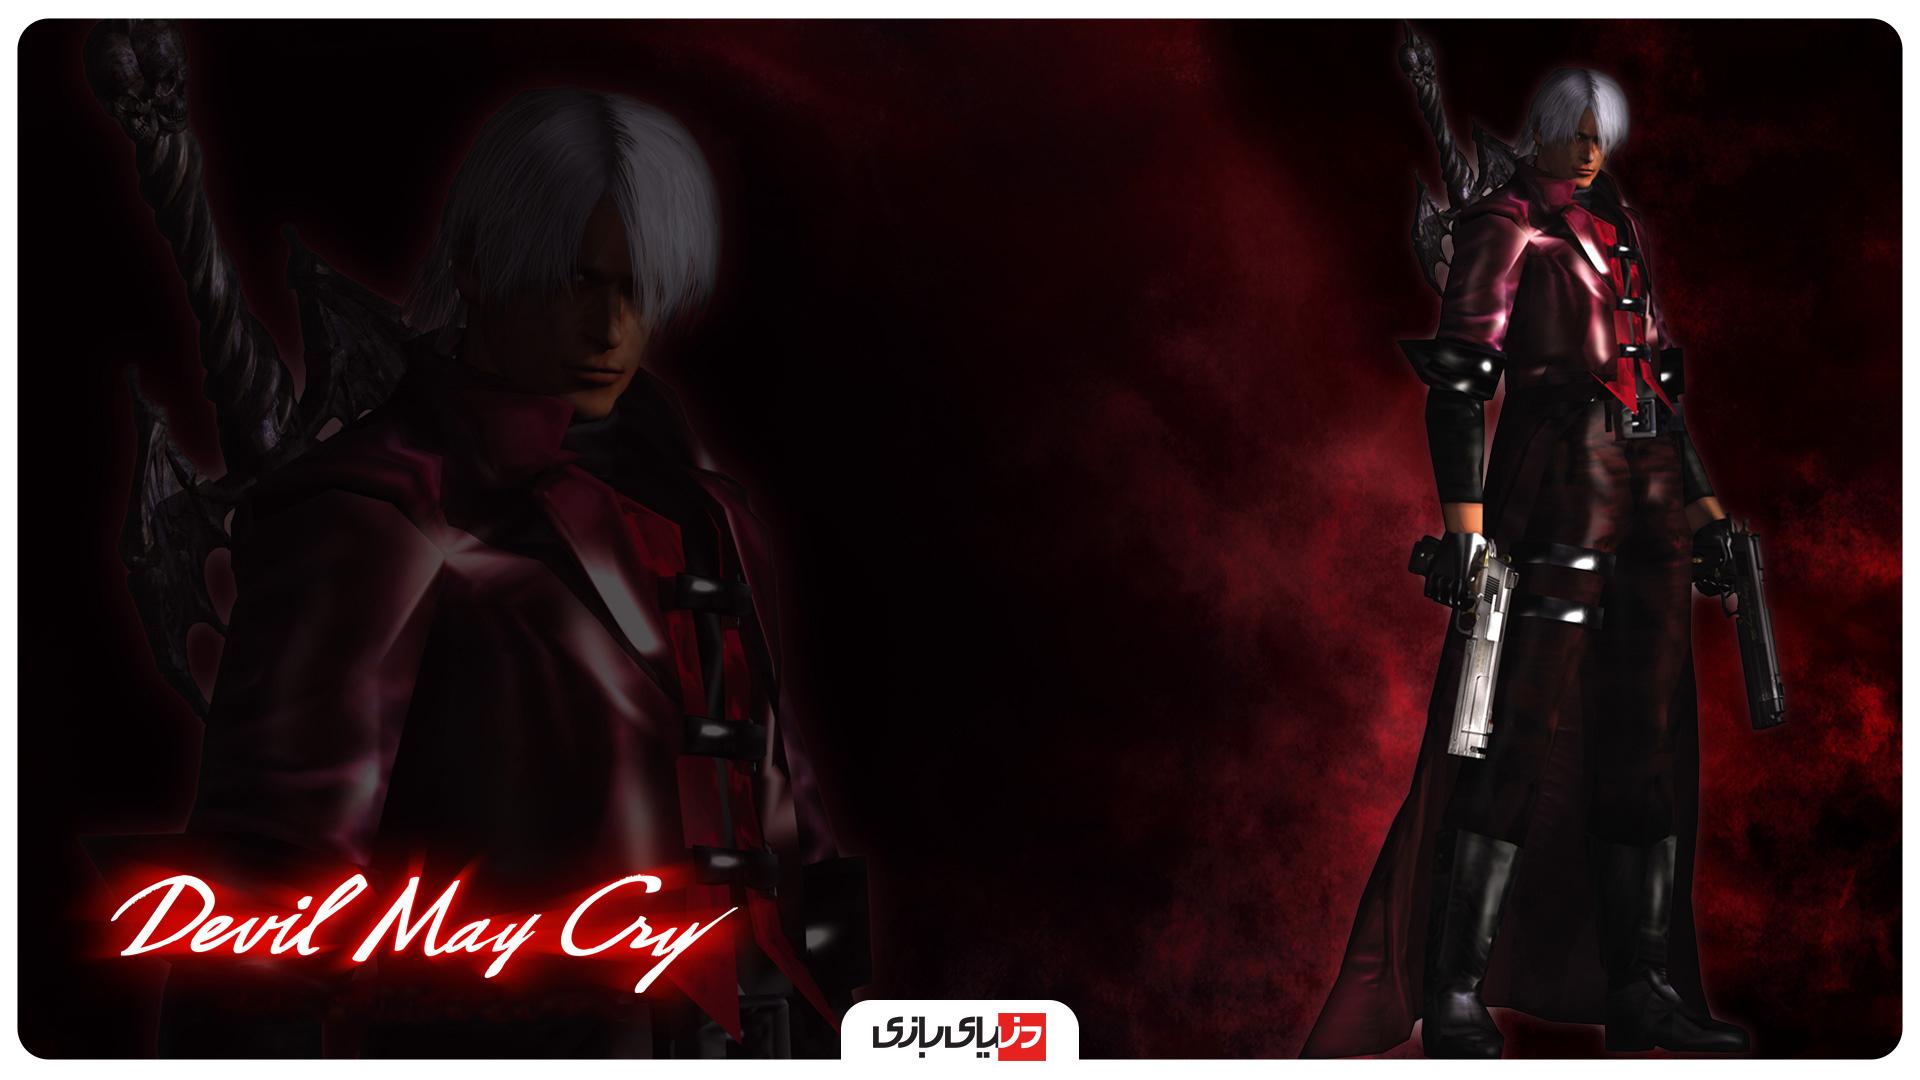 برترین نسخههای سری Devil May Cry - بهترین بازیهای Devil May Cry - بازی Devil May Cry - دانلود بازی Devil May Cry